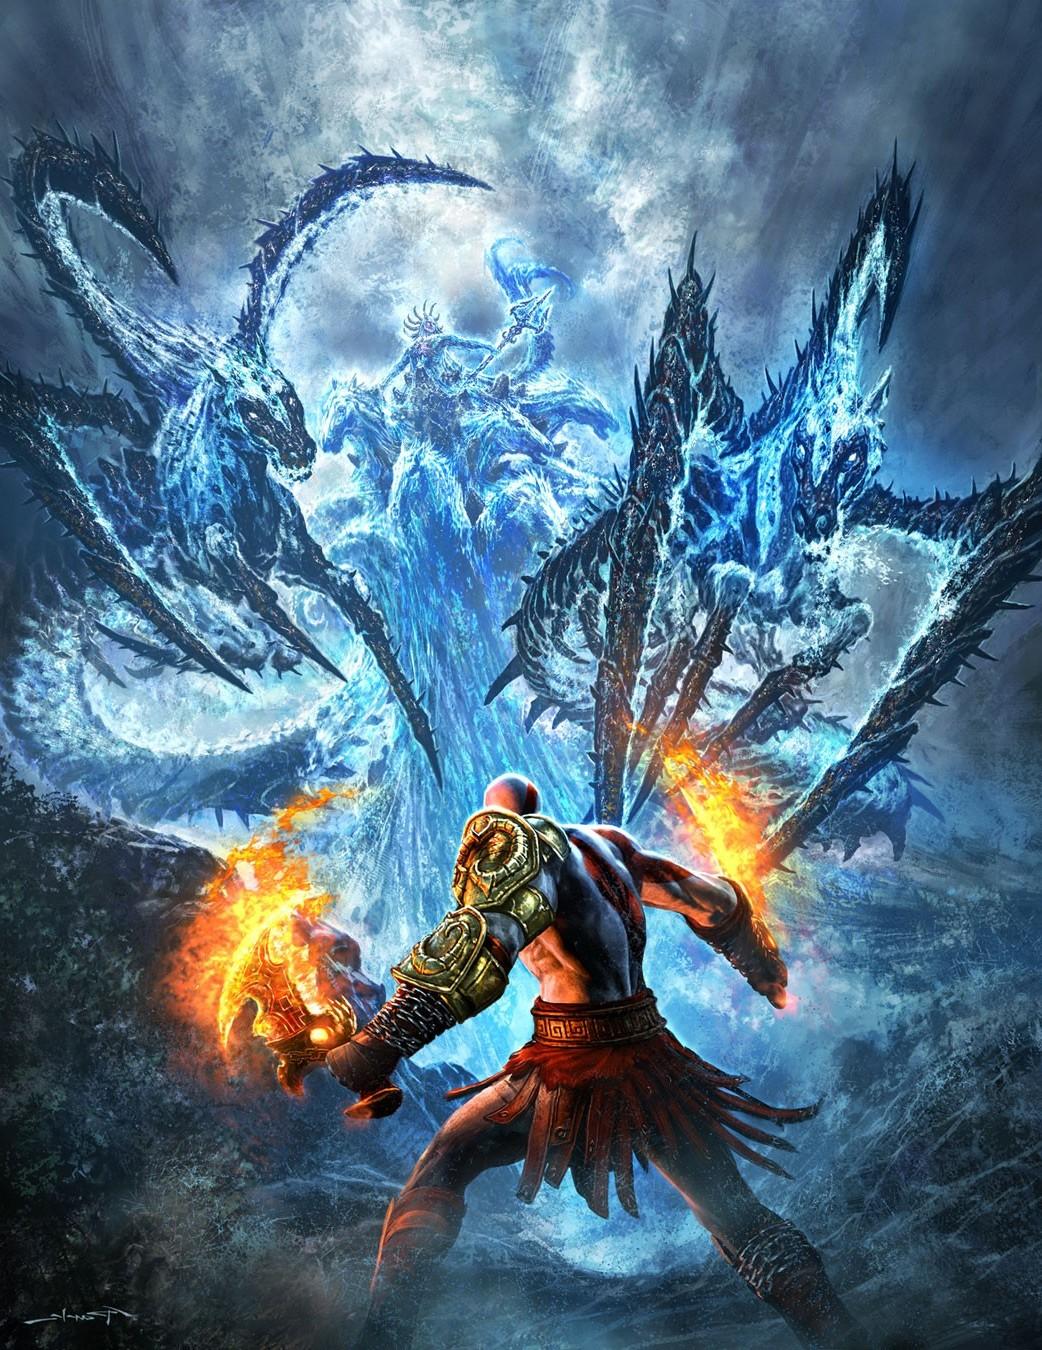 Wallpaper 1042x1350 Px Artwork God Of War Video Games